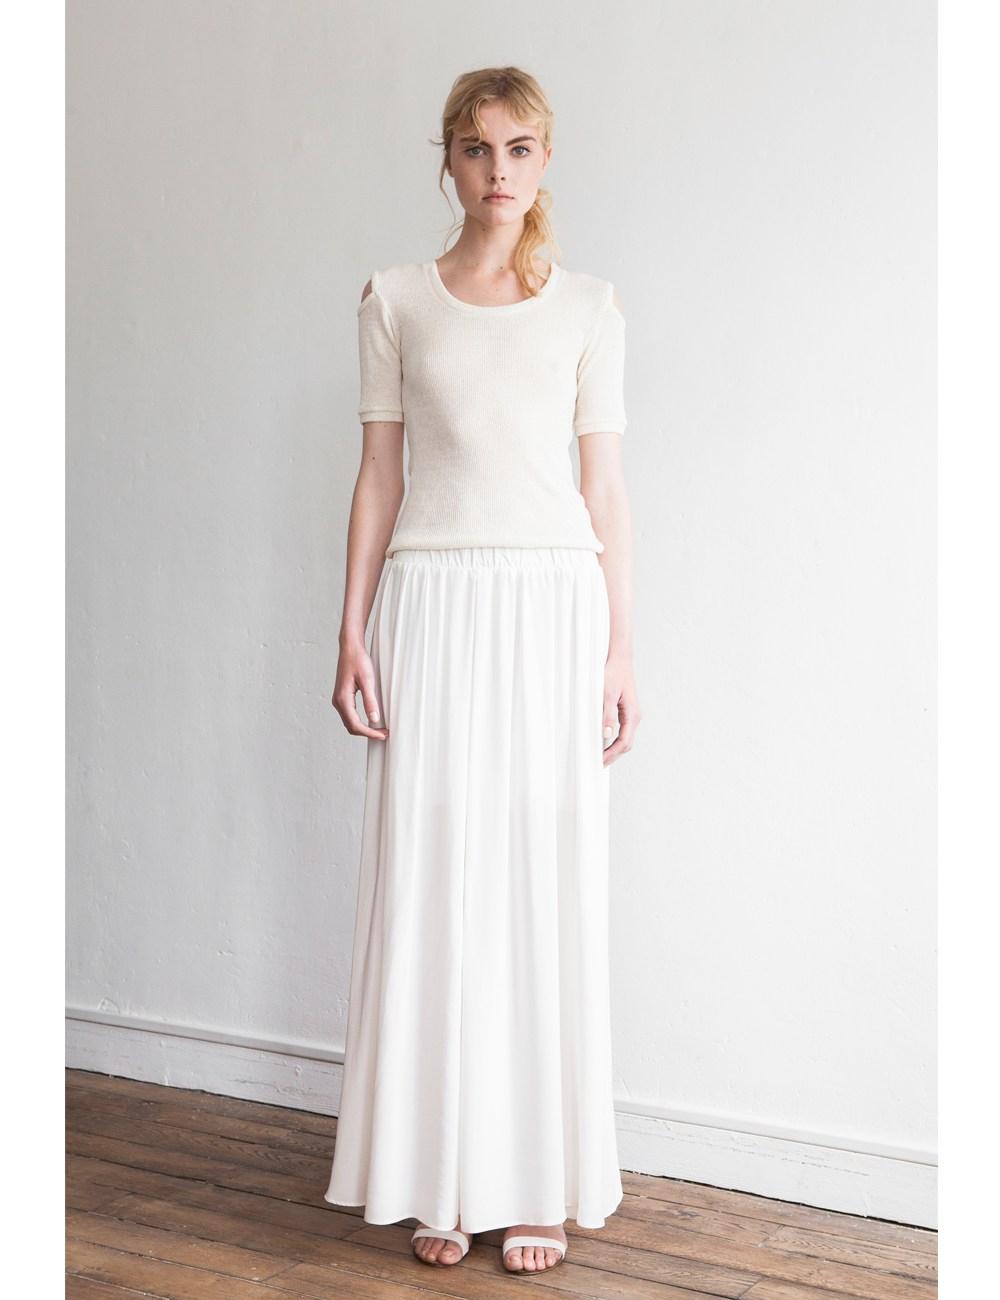 Etienne deroeux White Node Maxi Skirt in White | Lyst